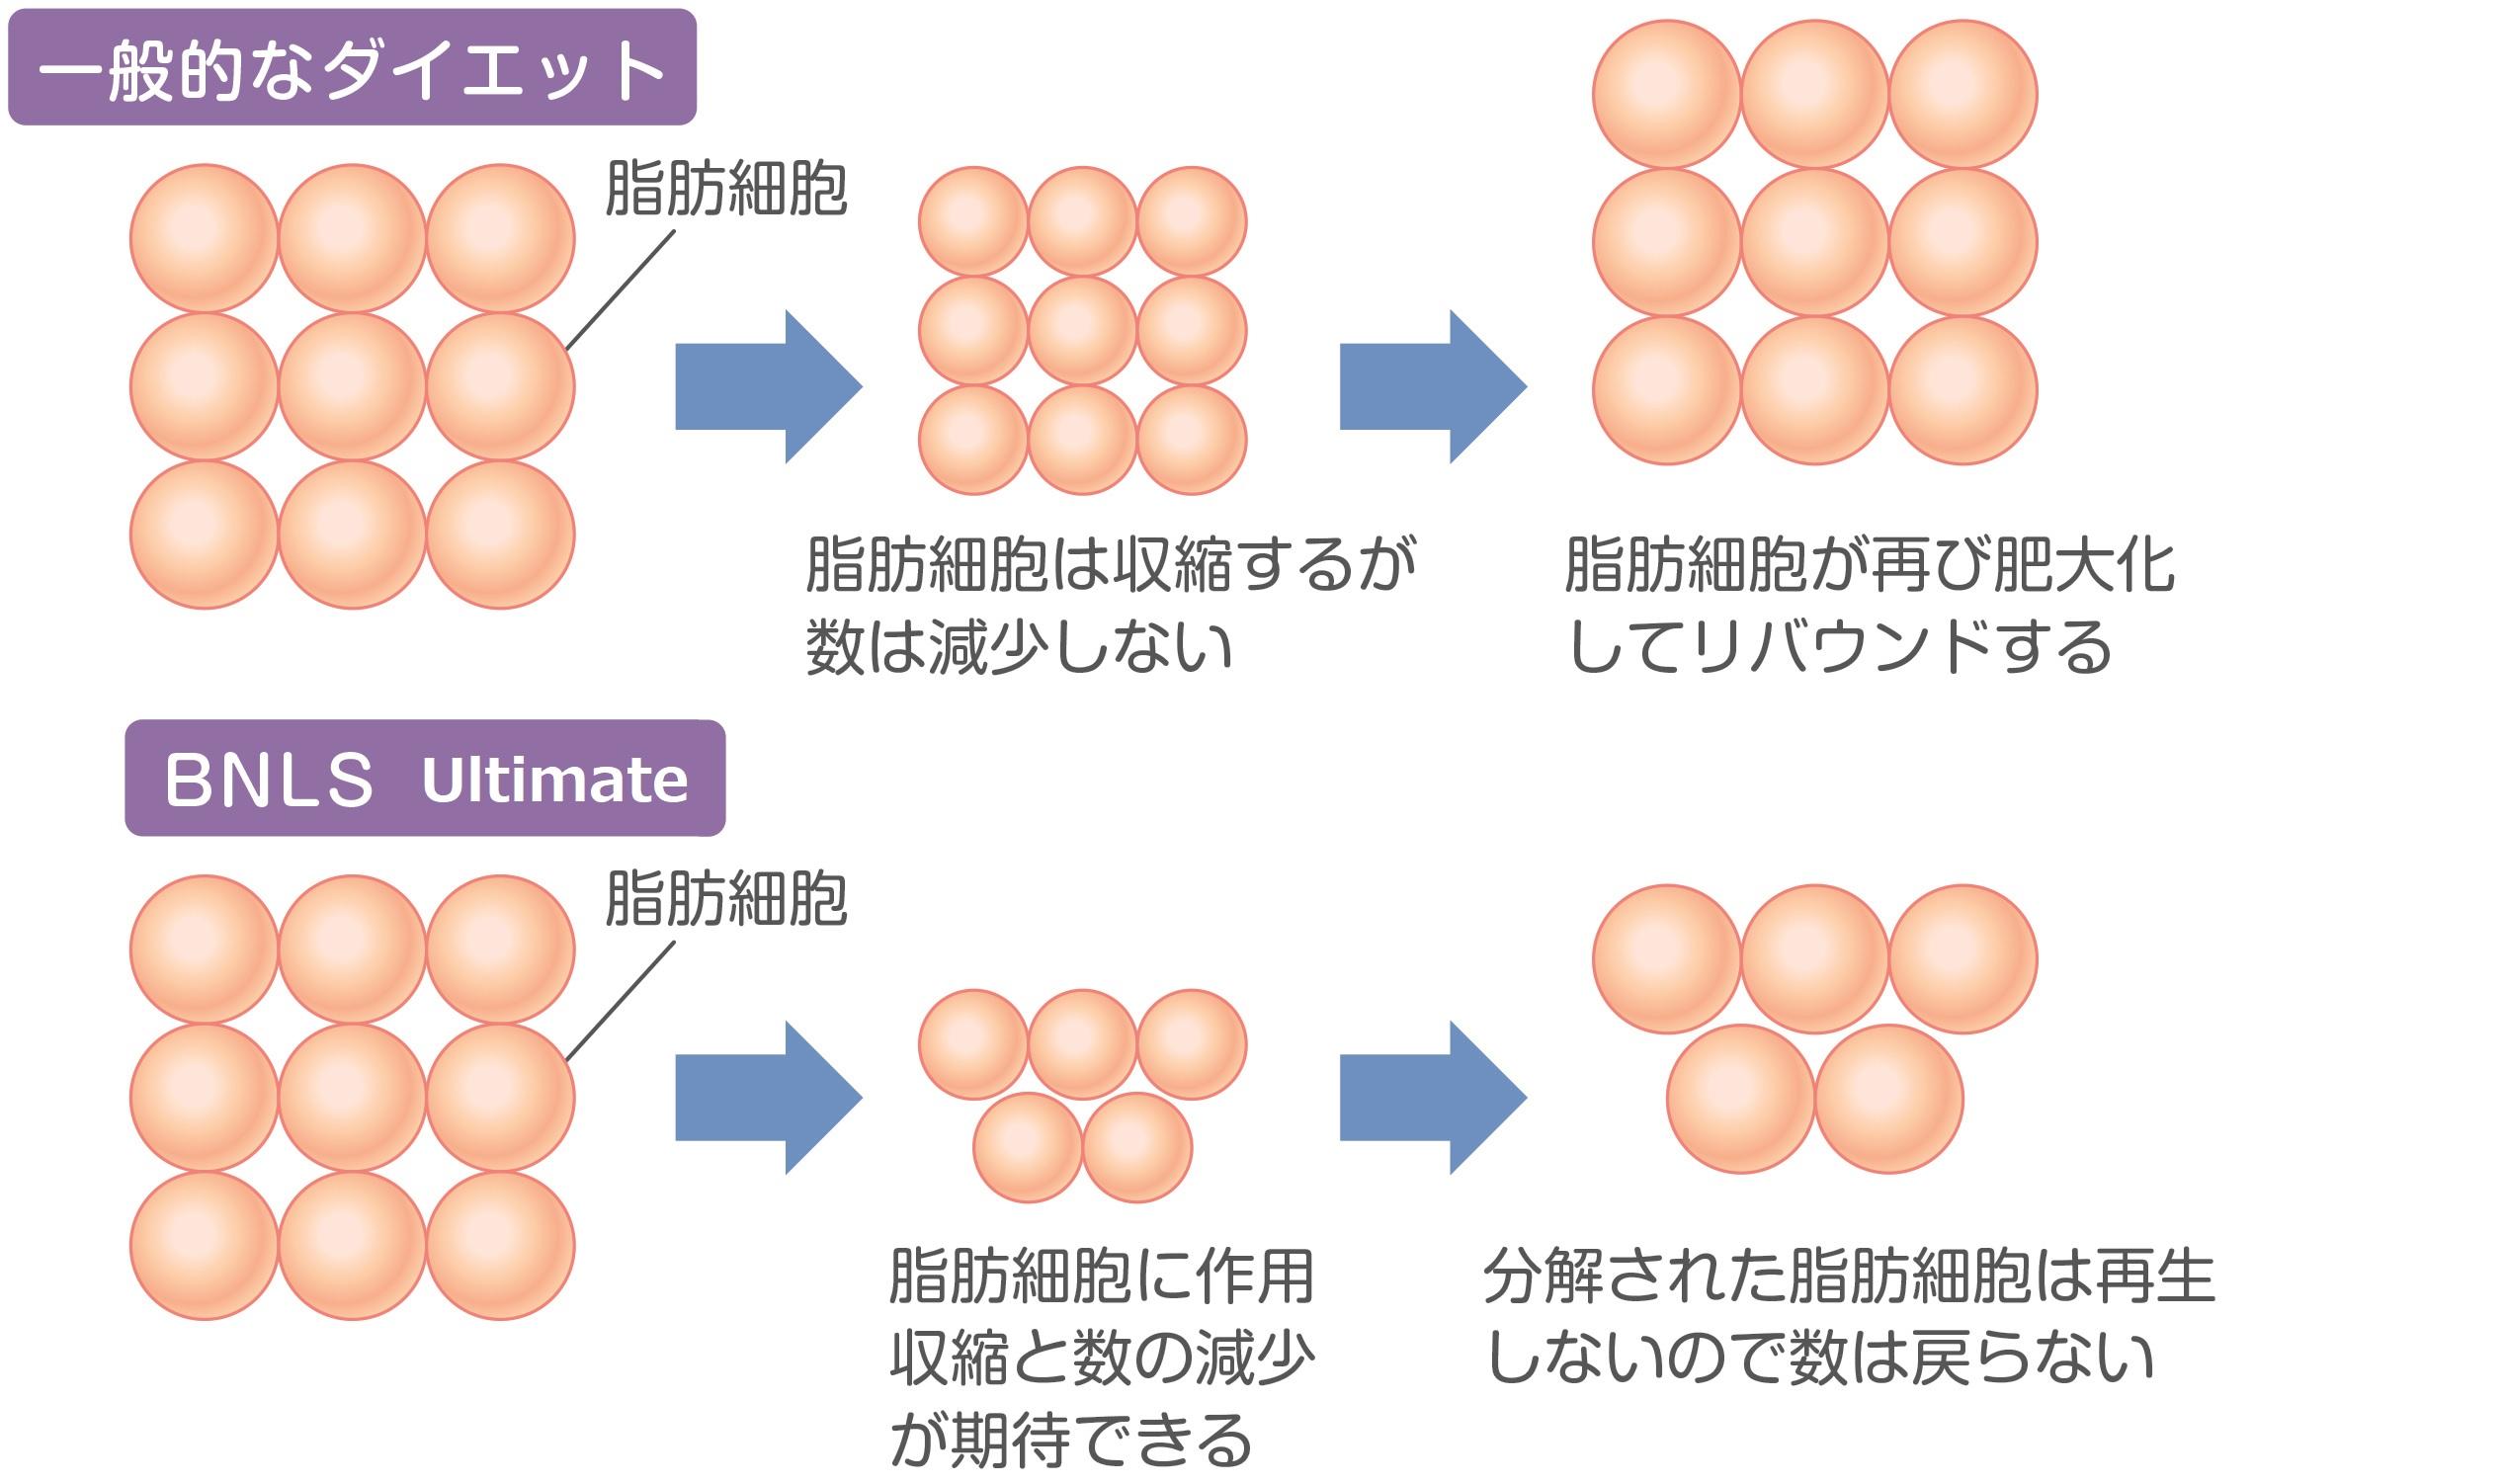 分解された脂肪細胞は再生しない